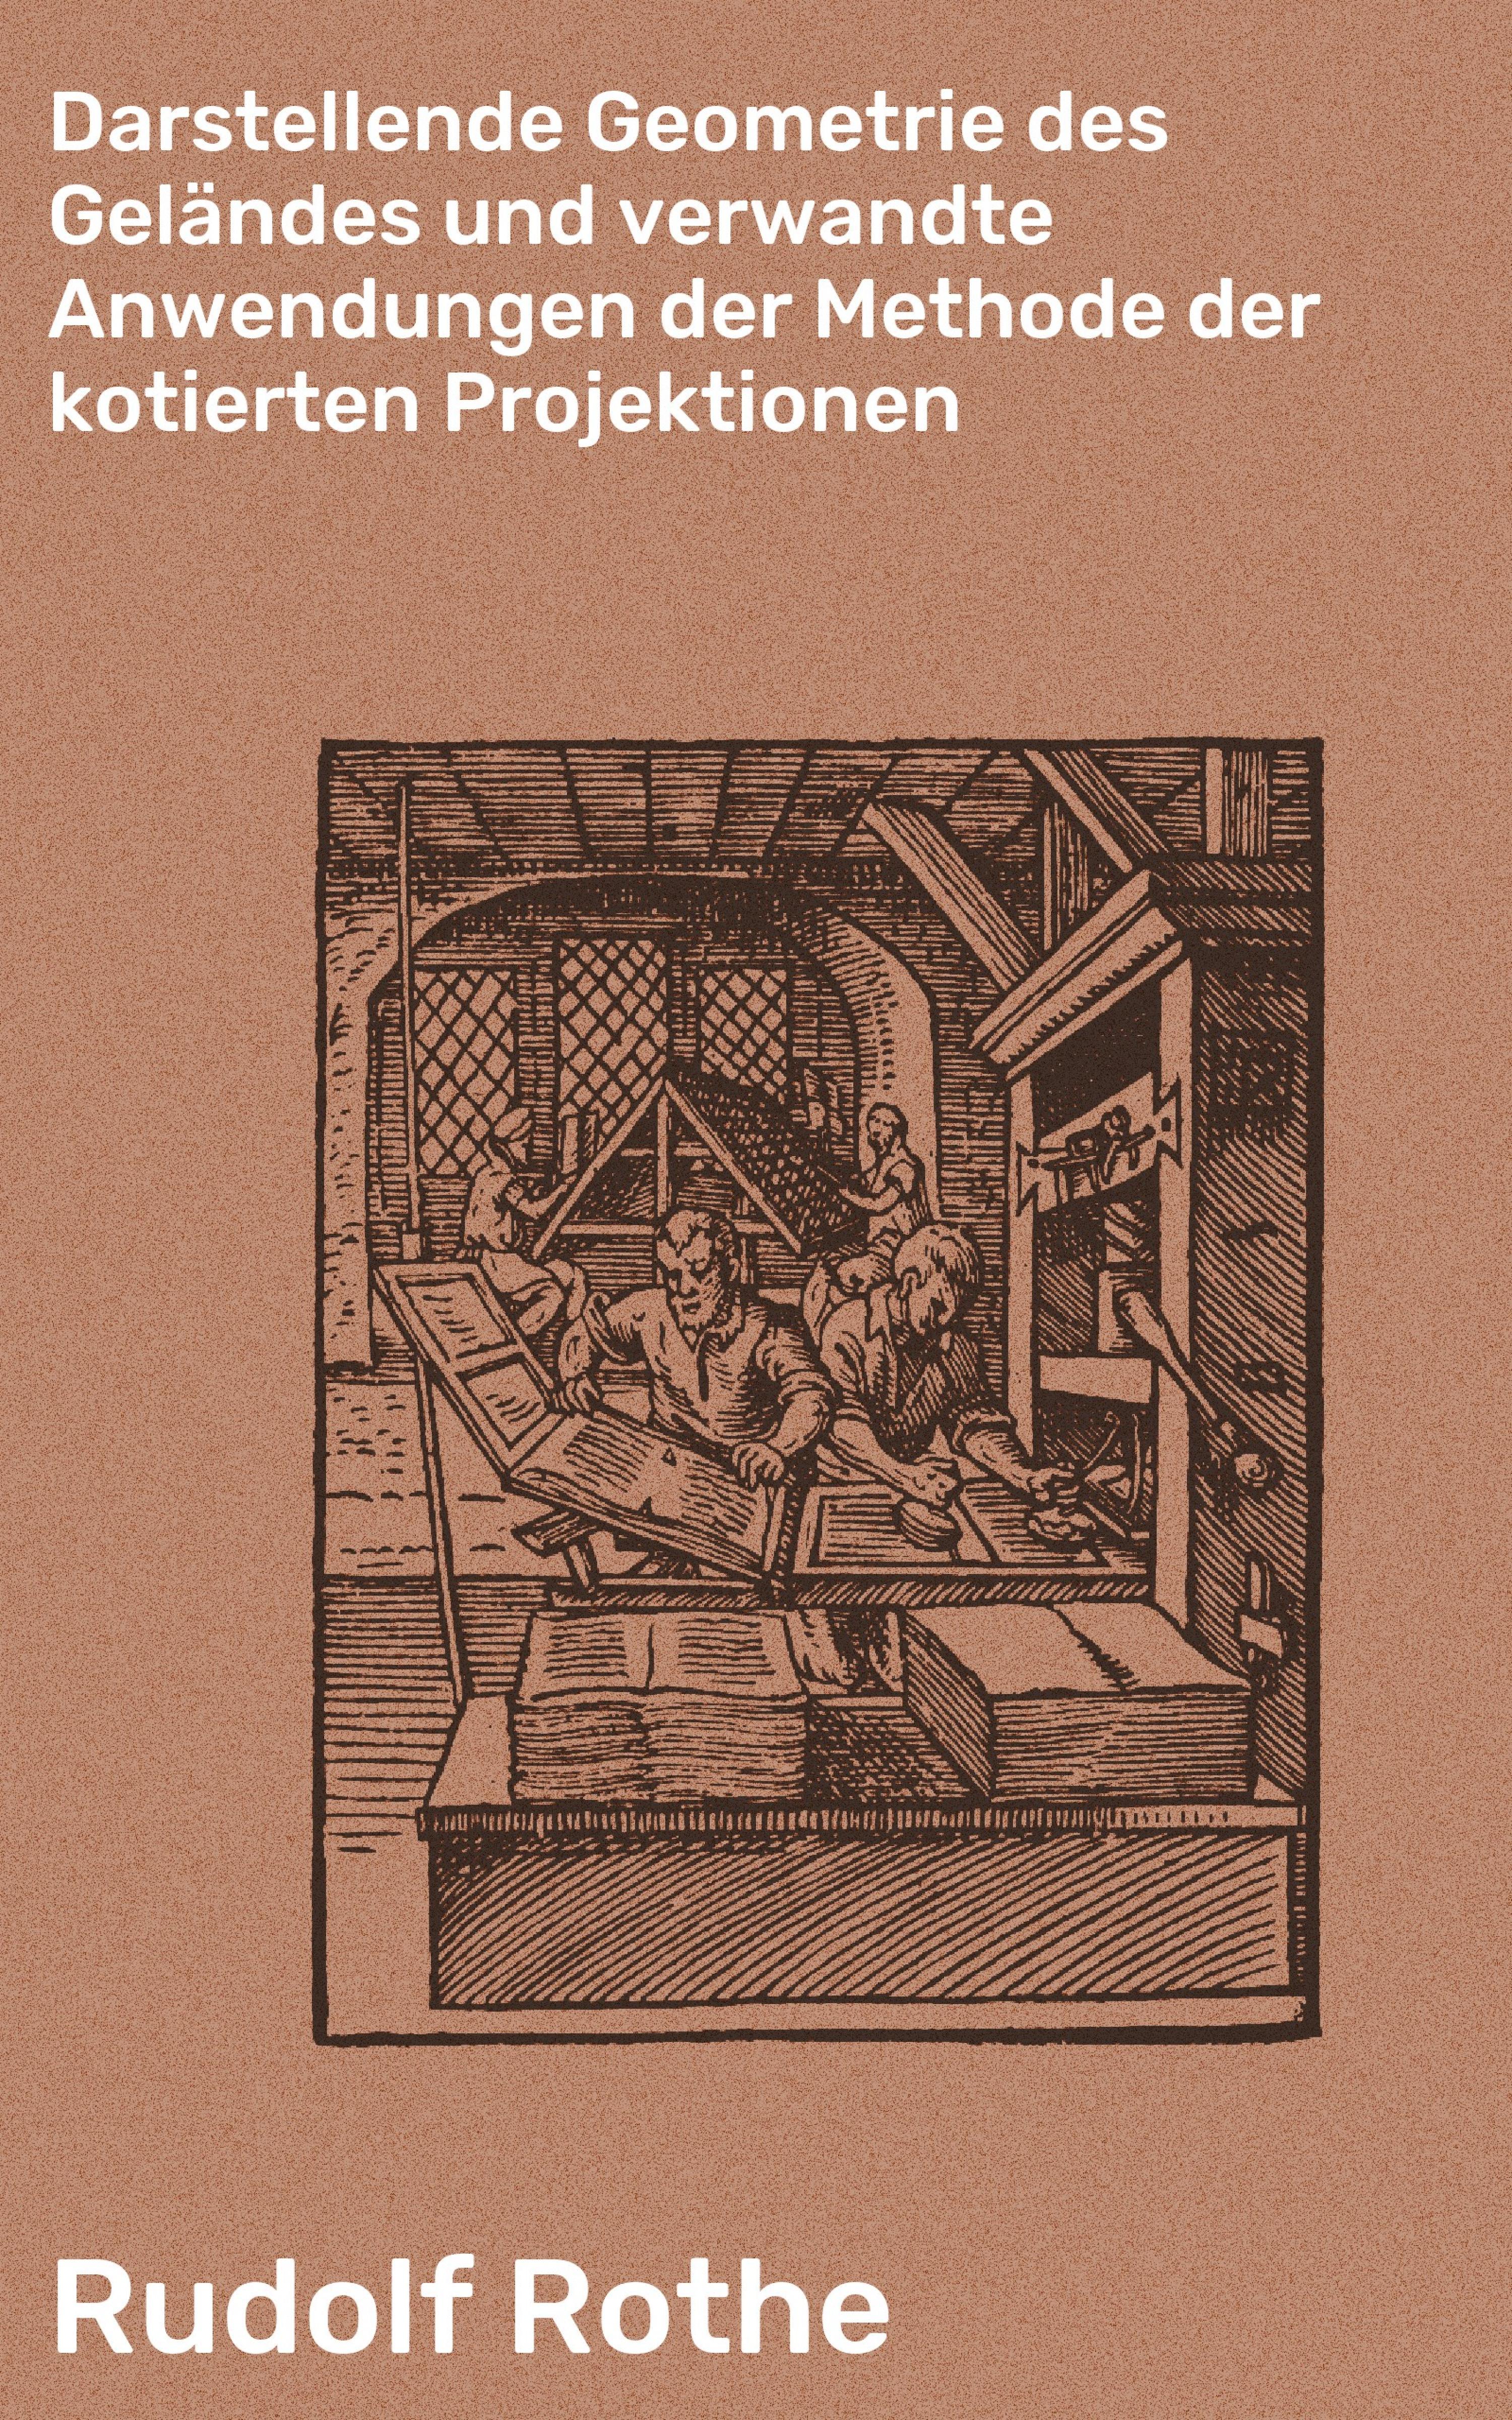 Rudolf Rothe Darstellende Geometrie des Geländes und verwandte Anwendungen der Methode der kotierten Projektionen sven schaumann cloud computing in der logistik anwendungen chancen und risiken